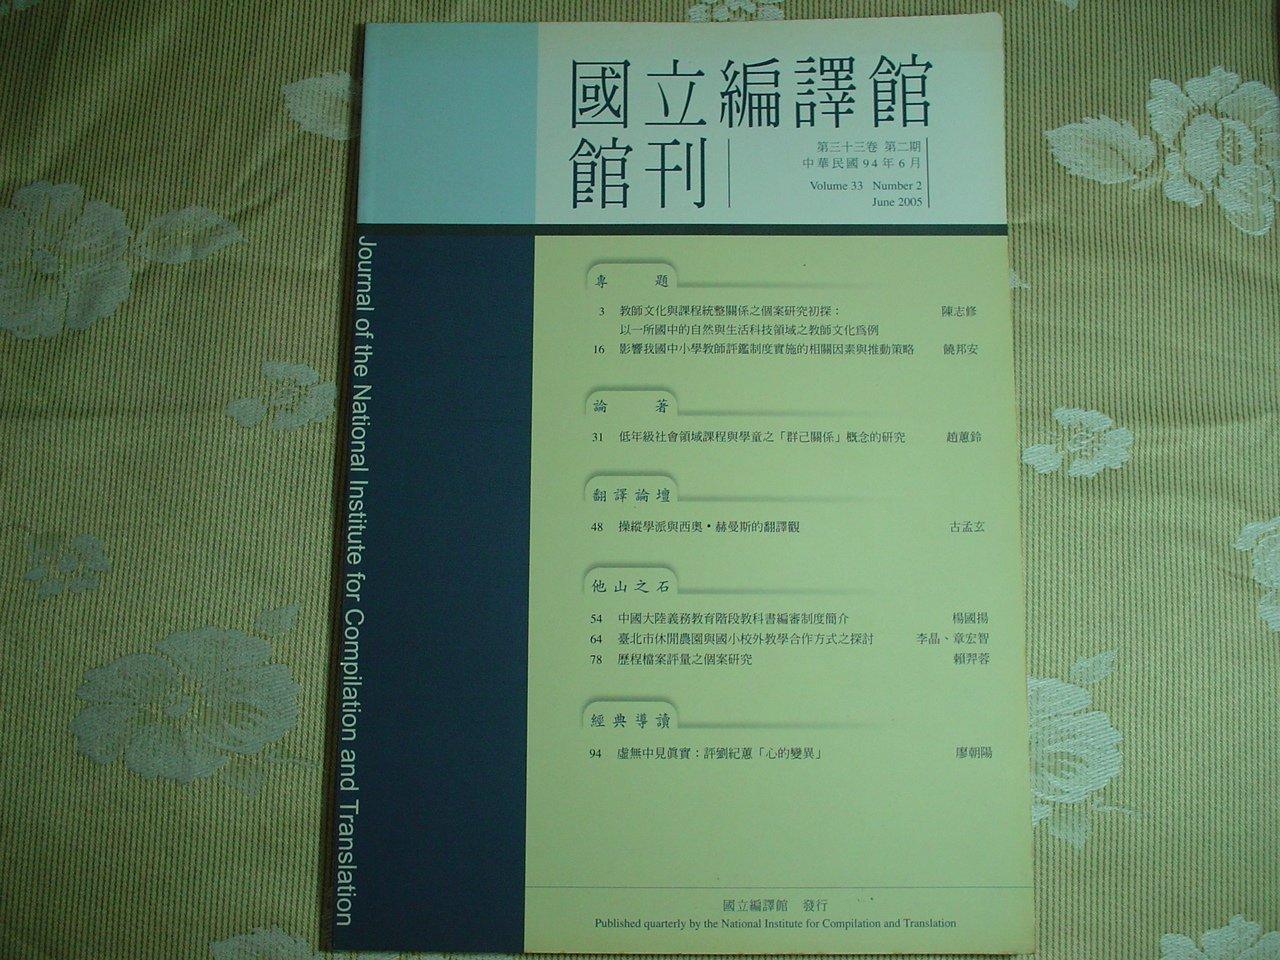 國立編譯館館刊 第33卷第2期94年6月《操縱學派與西奧‧赫曼斯的翻譯觀》書況為實品拍攝,無標記,如新如圖【A1.58】